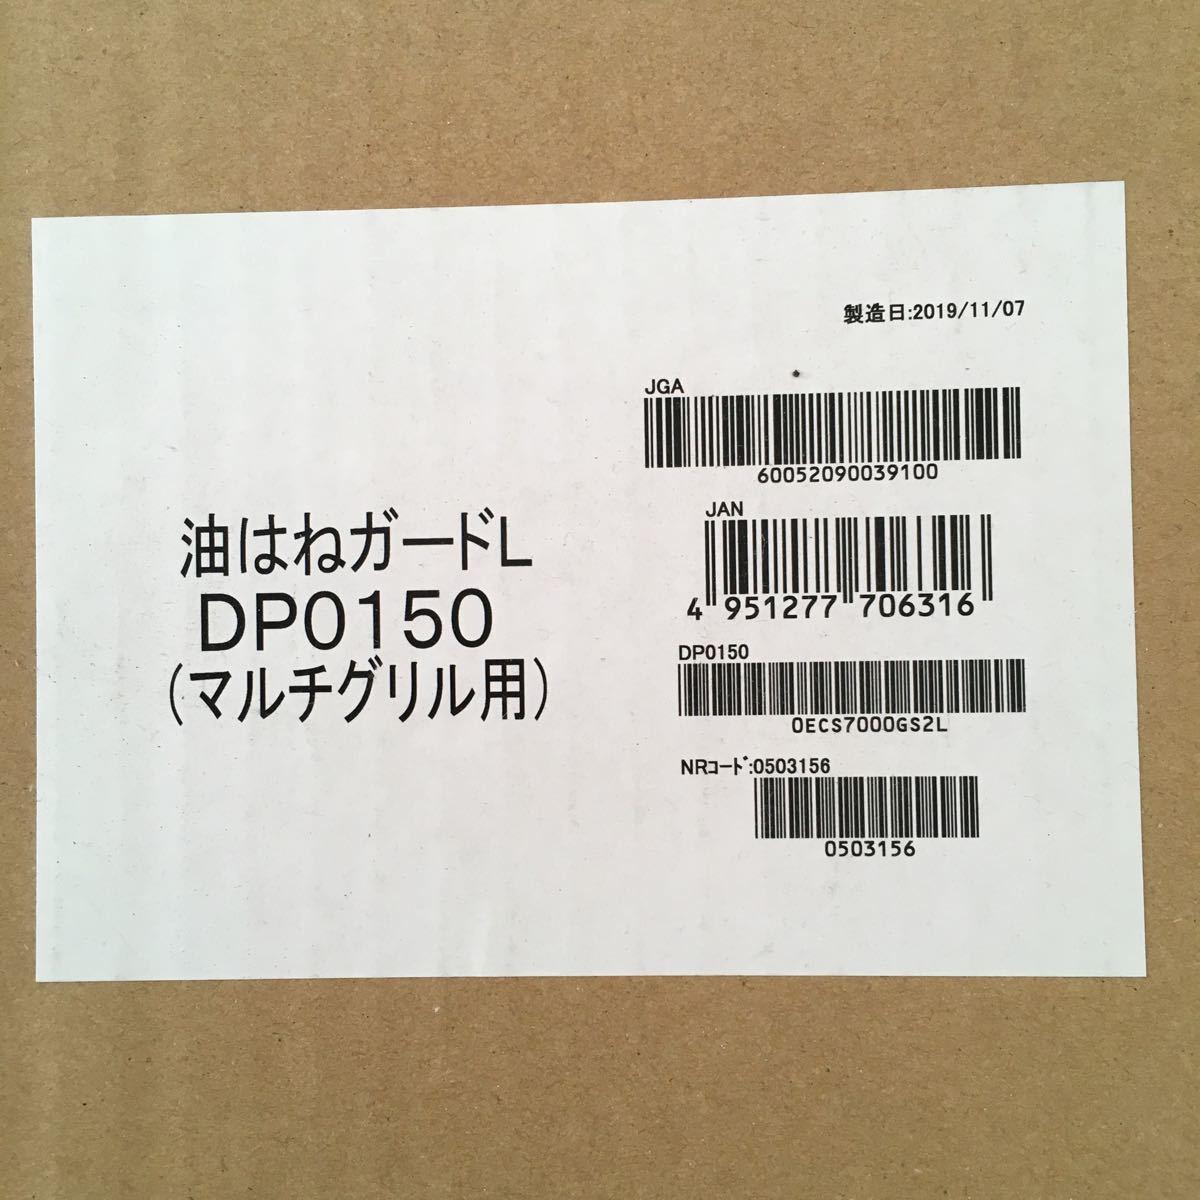 油はねガードL DPO150 (マルチグリル用)_画像2